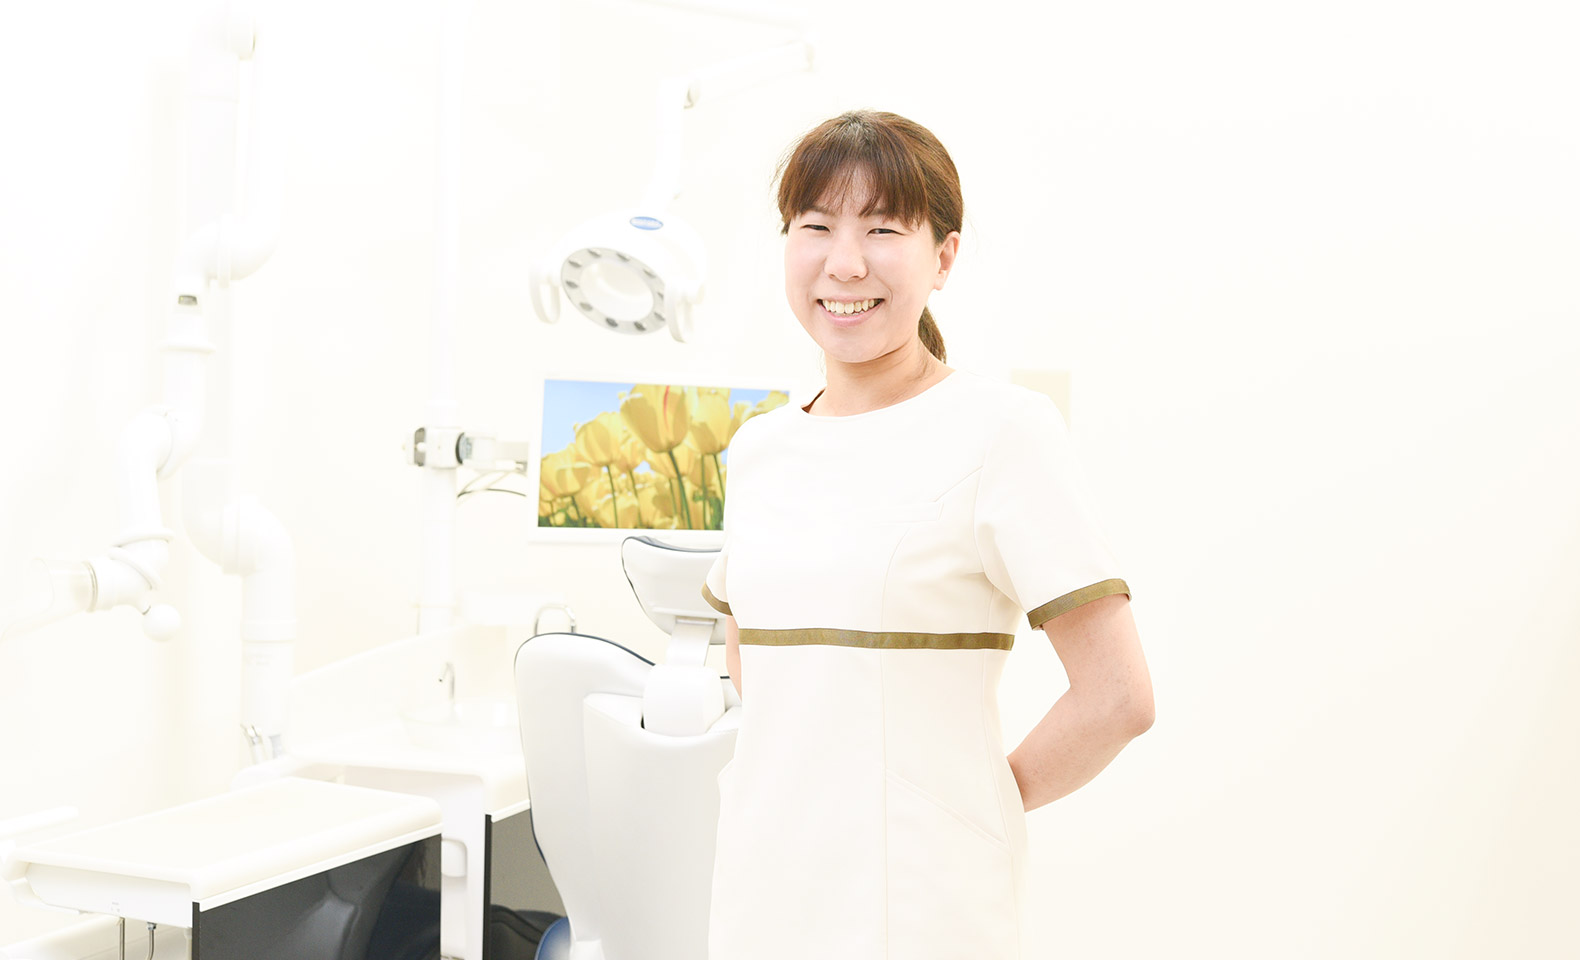 鈴木 貴美江(すずき きみえ)